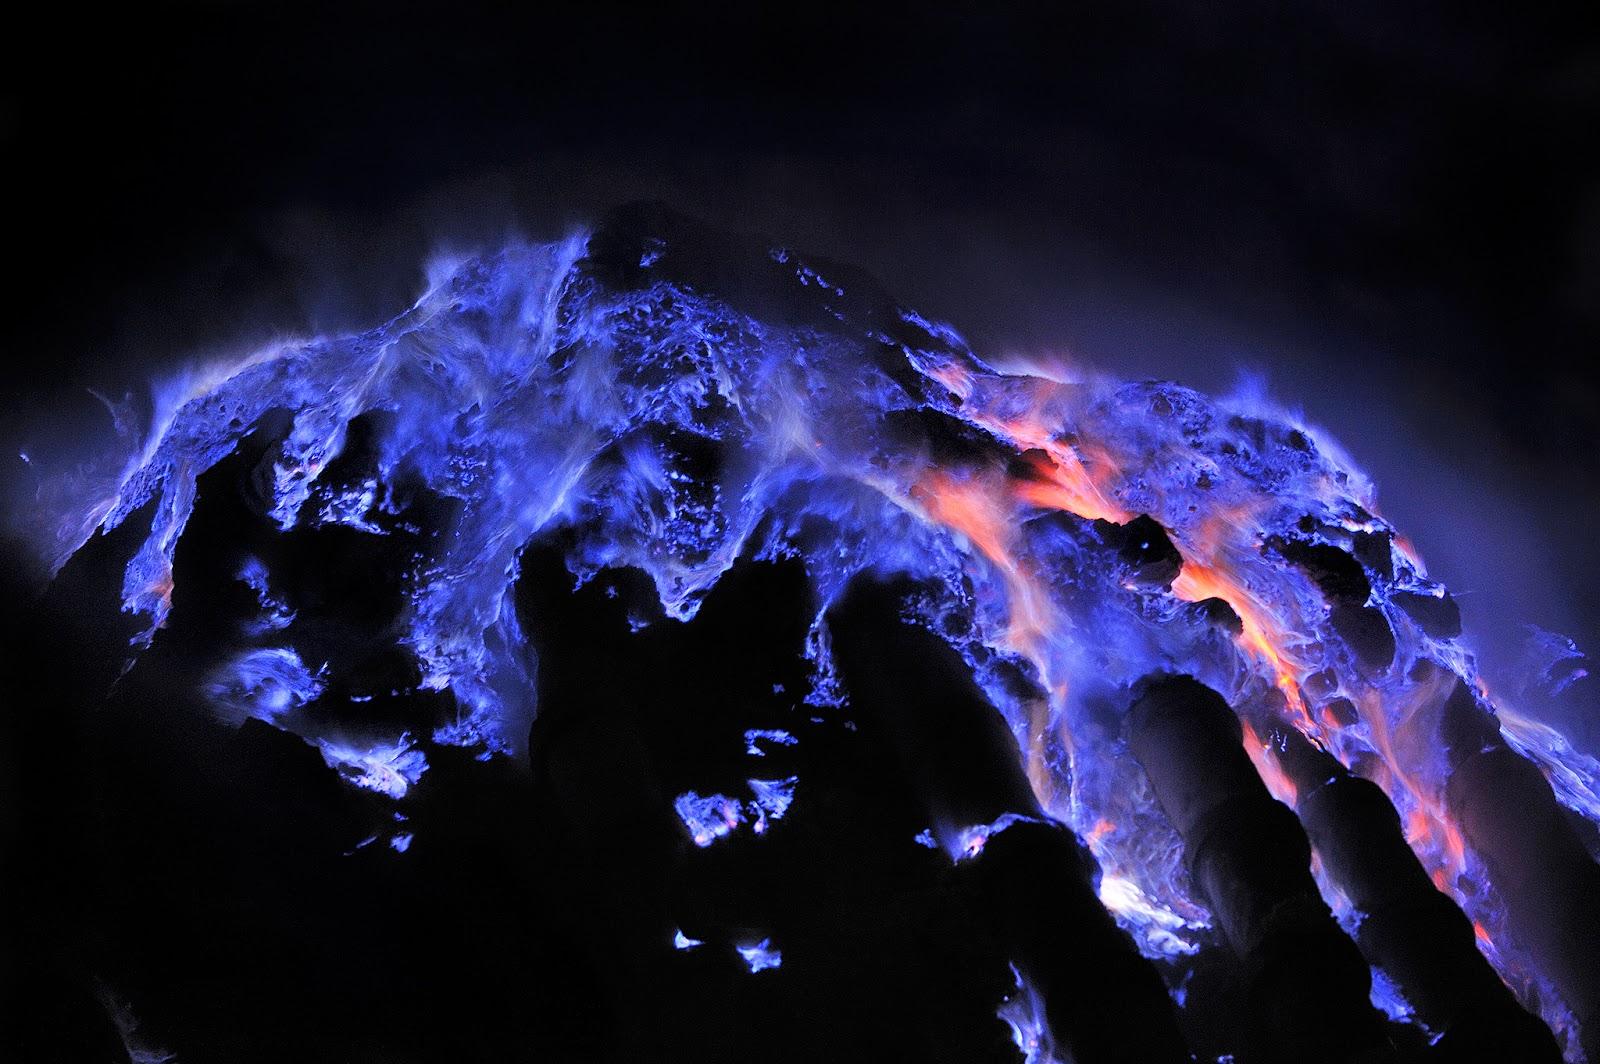 Blue Fire Kawah Ijen Jawa Timur